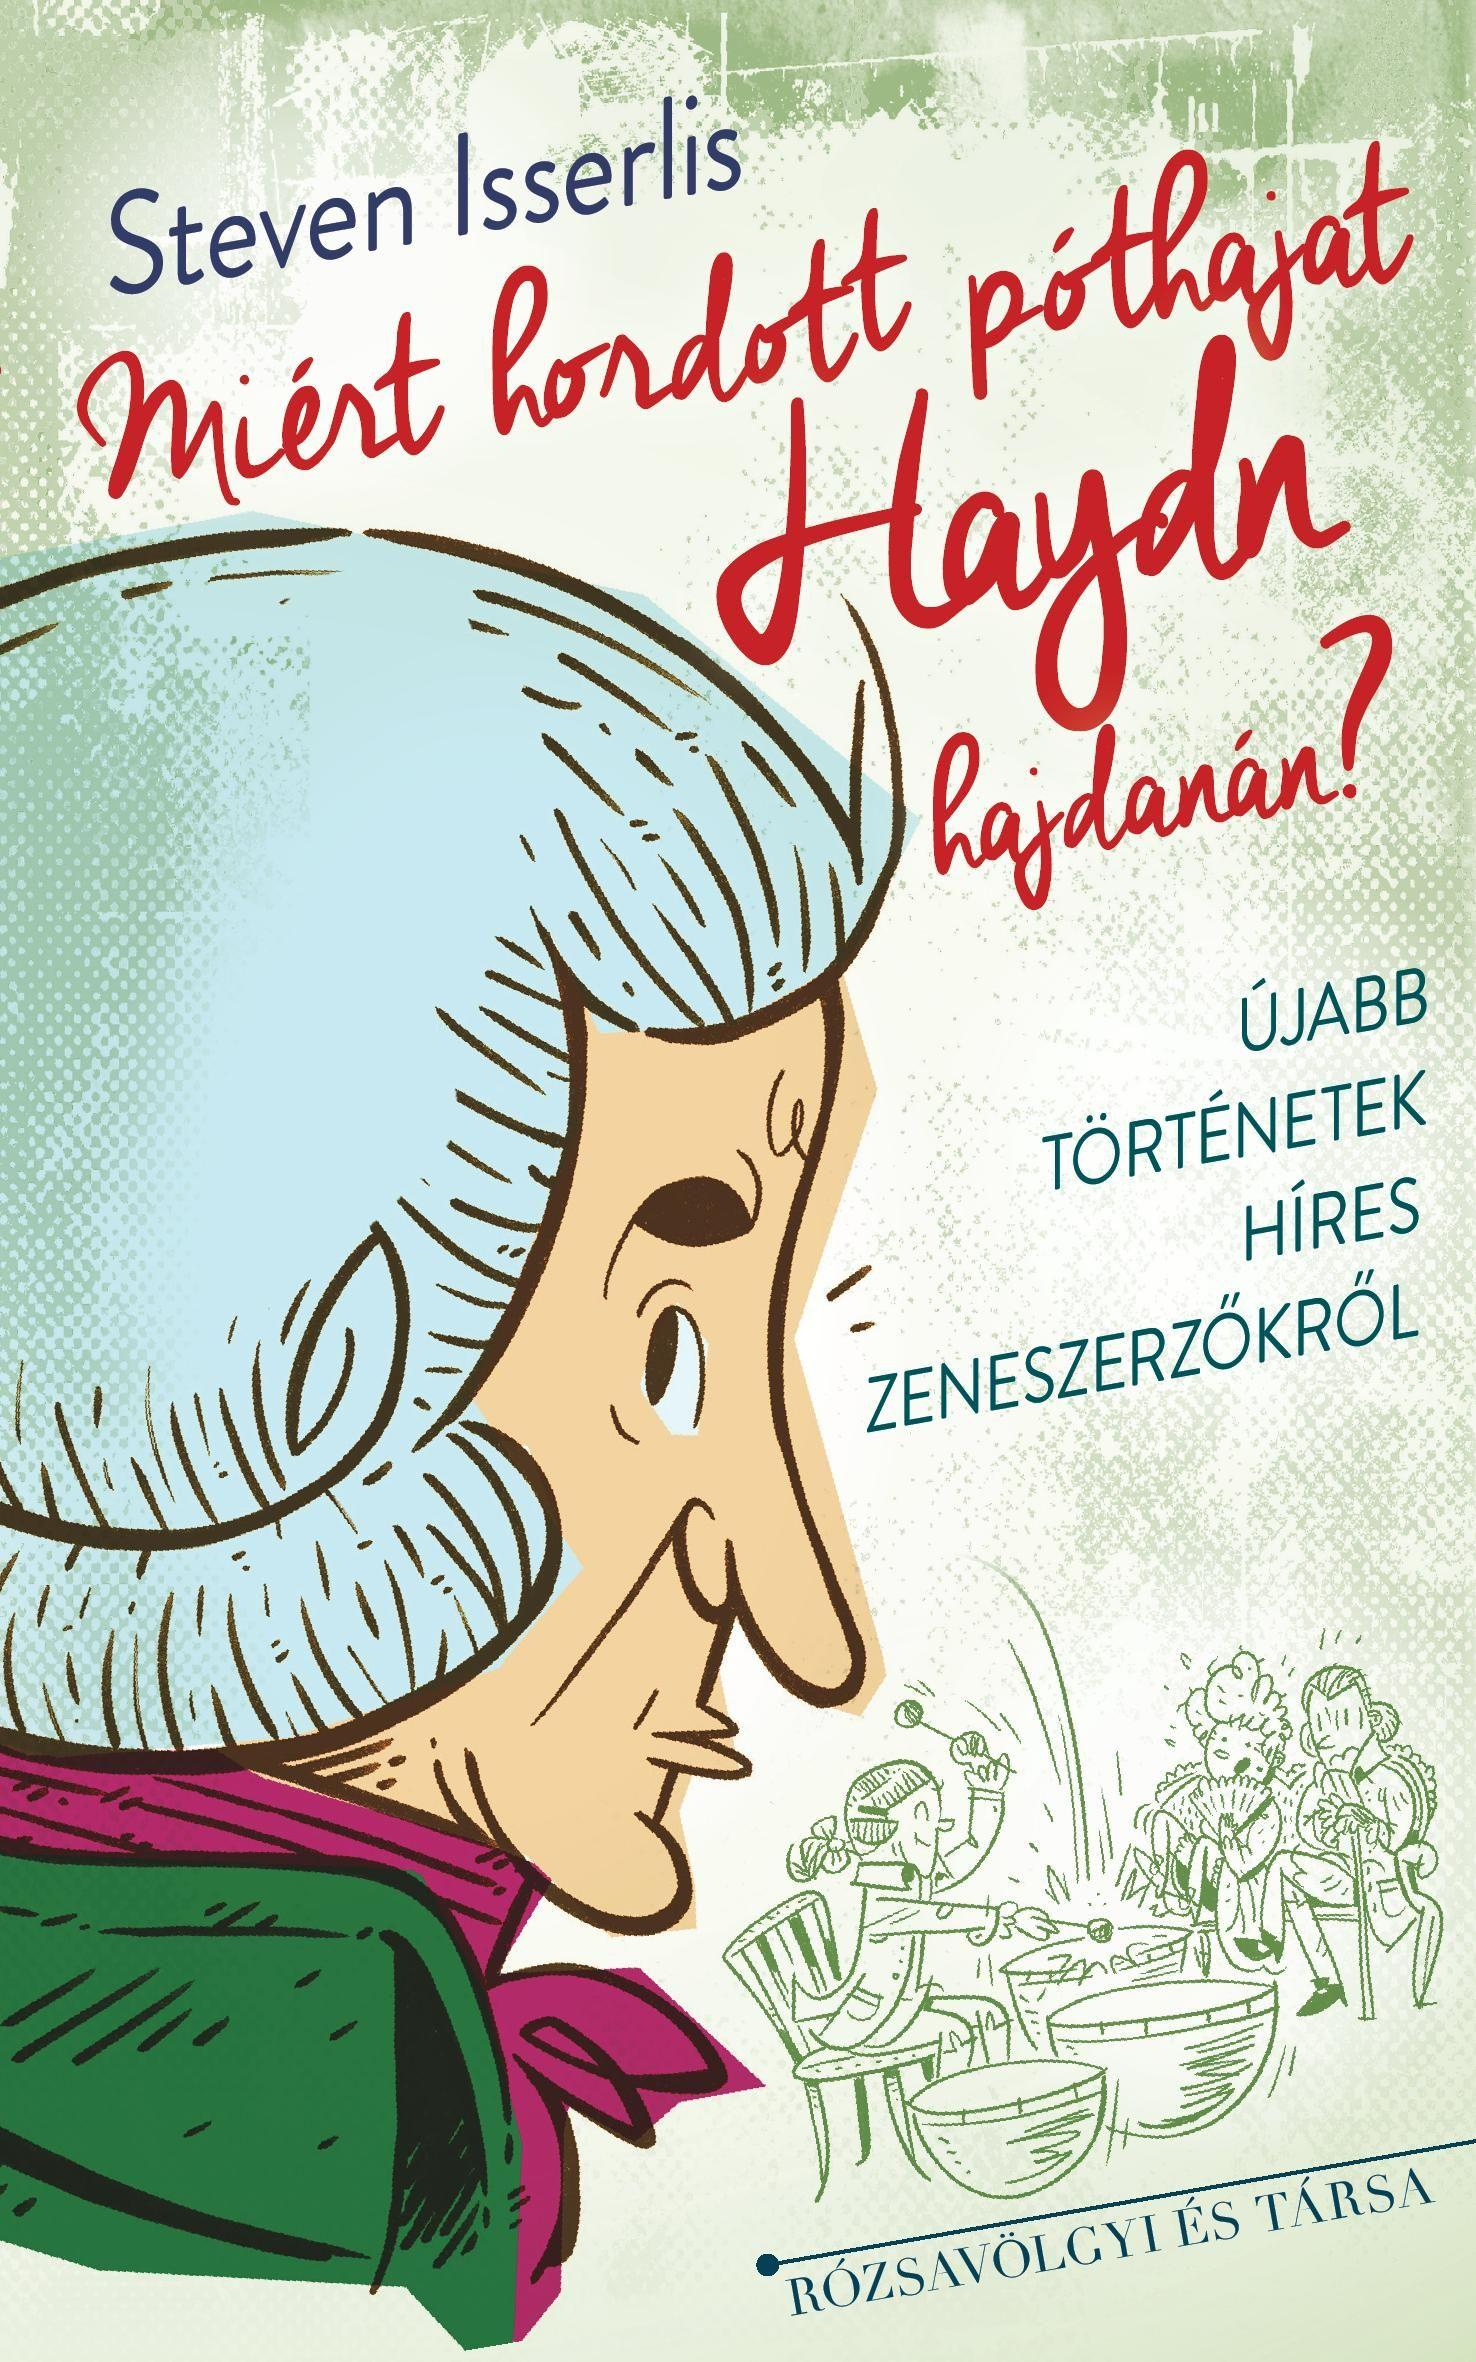 Steven Isserlis - Miért hordott póthajat Haydn hajdanán?